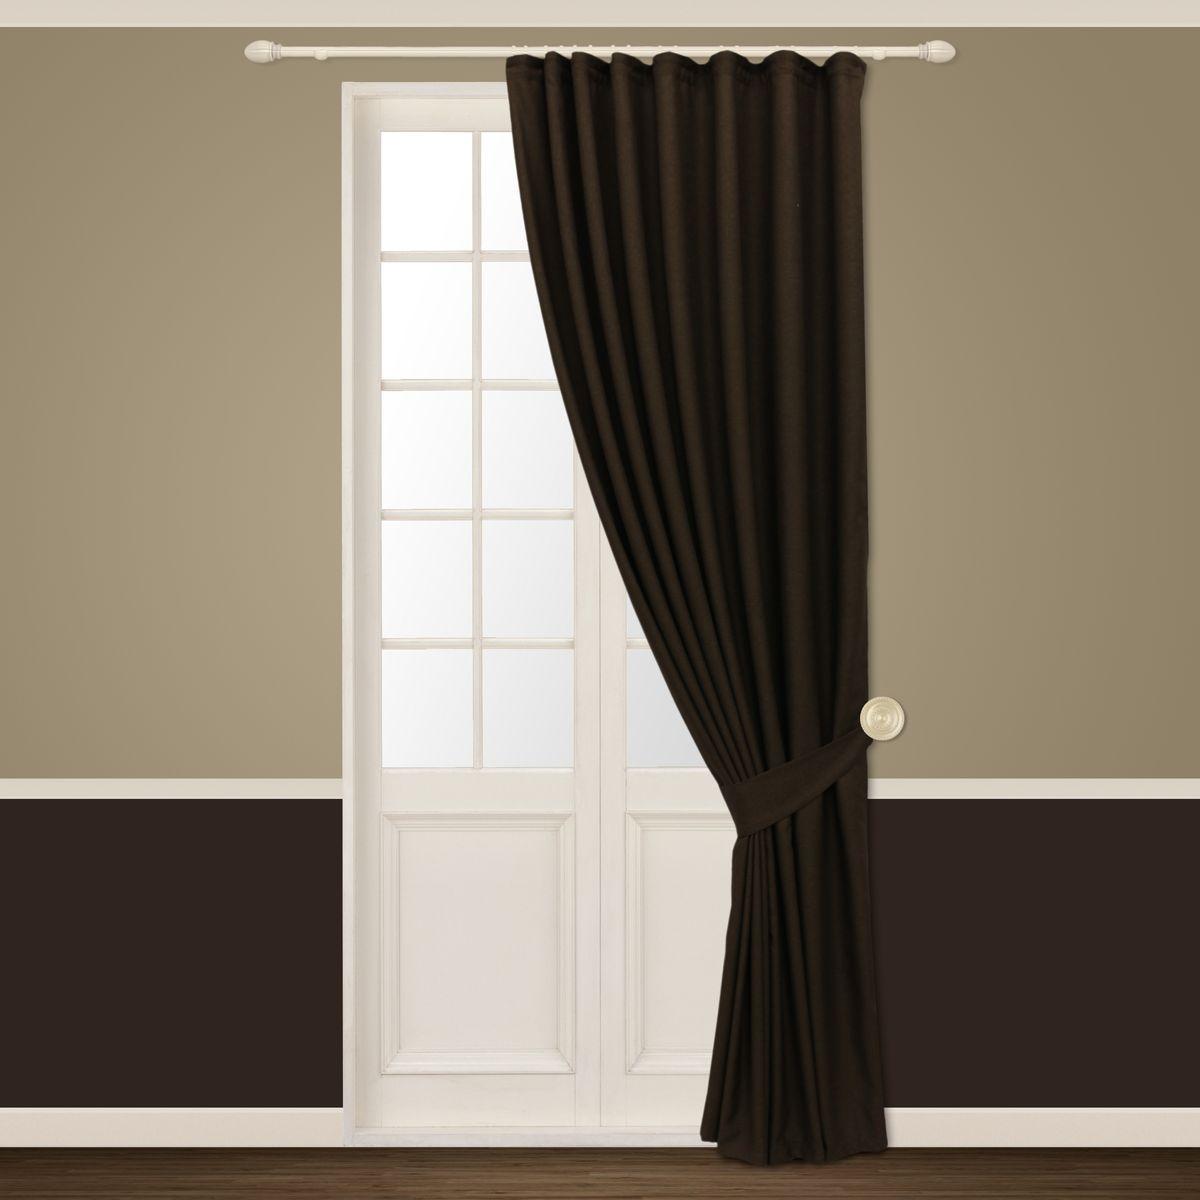 Штора Sanpa Home Collection Росария, на ленте, цвет: коричневый, высота 260 смHP01320/14/1E Росария коричневый, , 180*260+1подхват